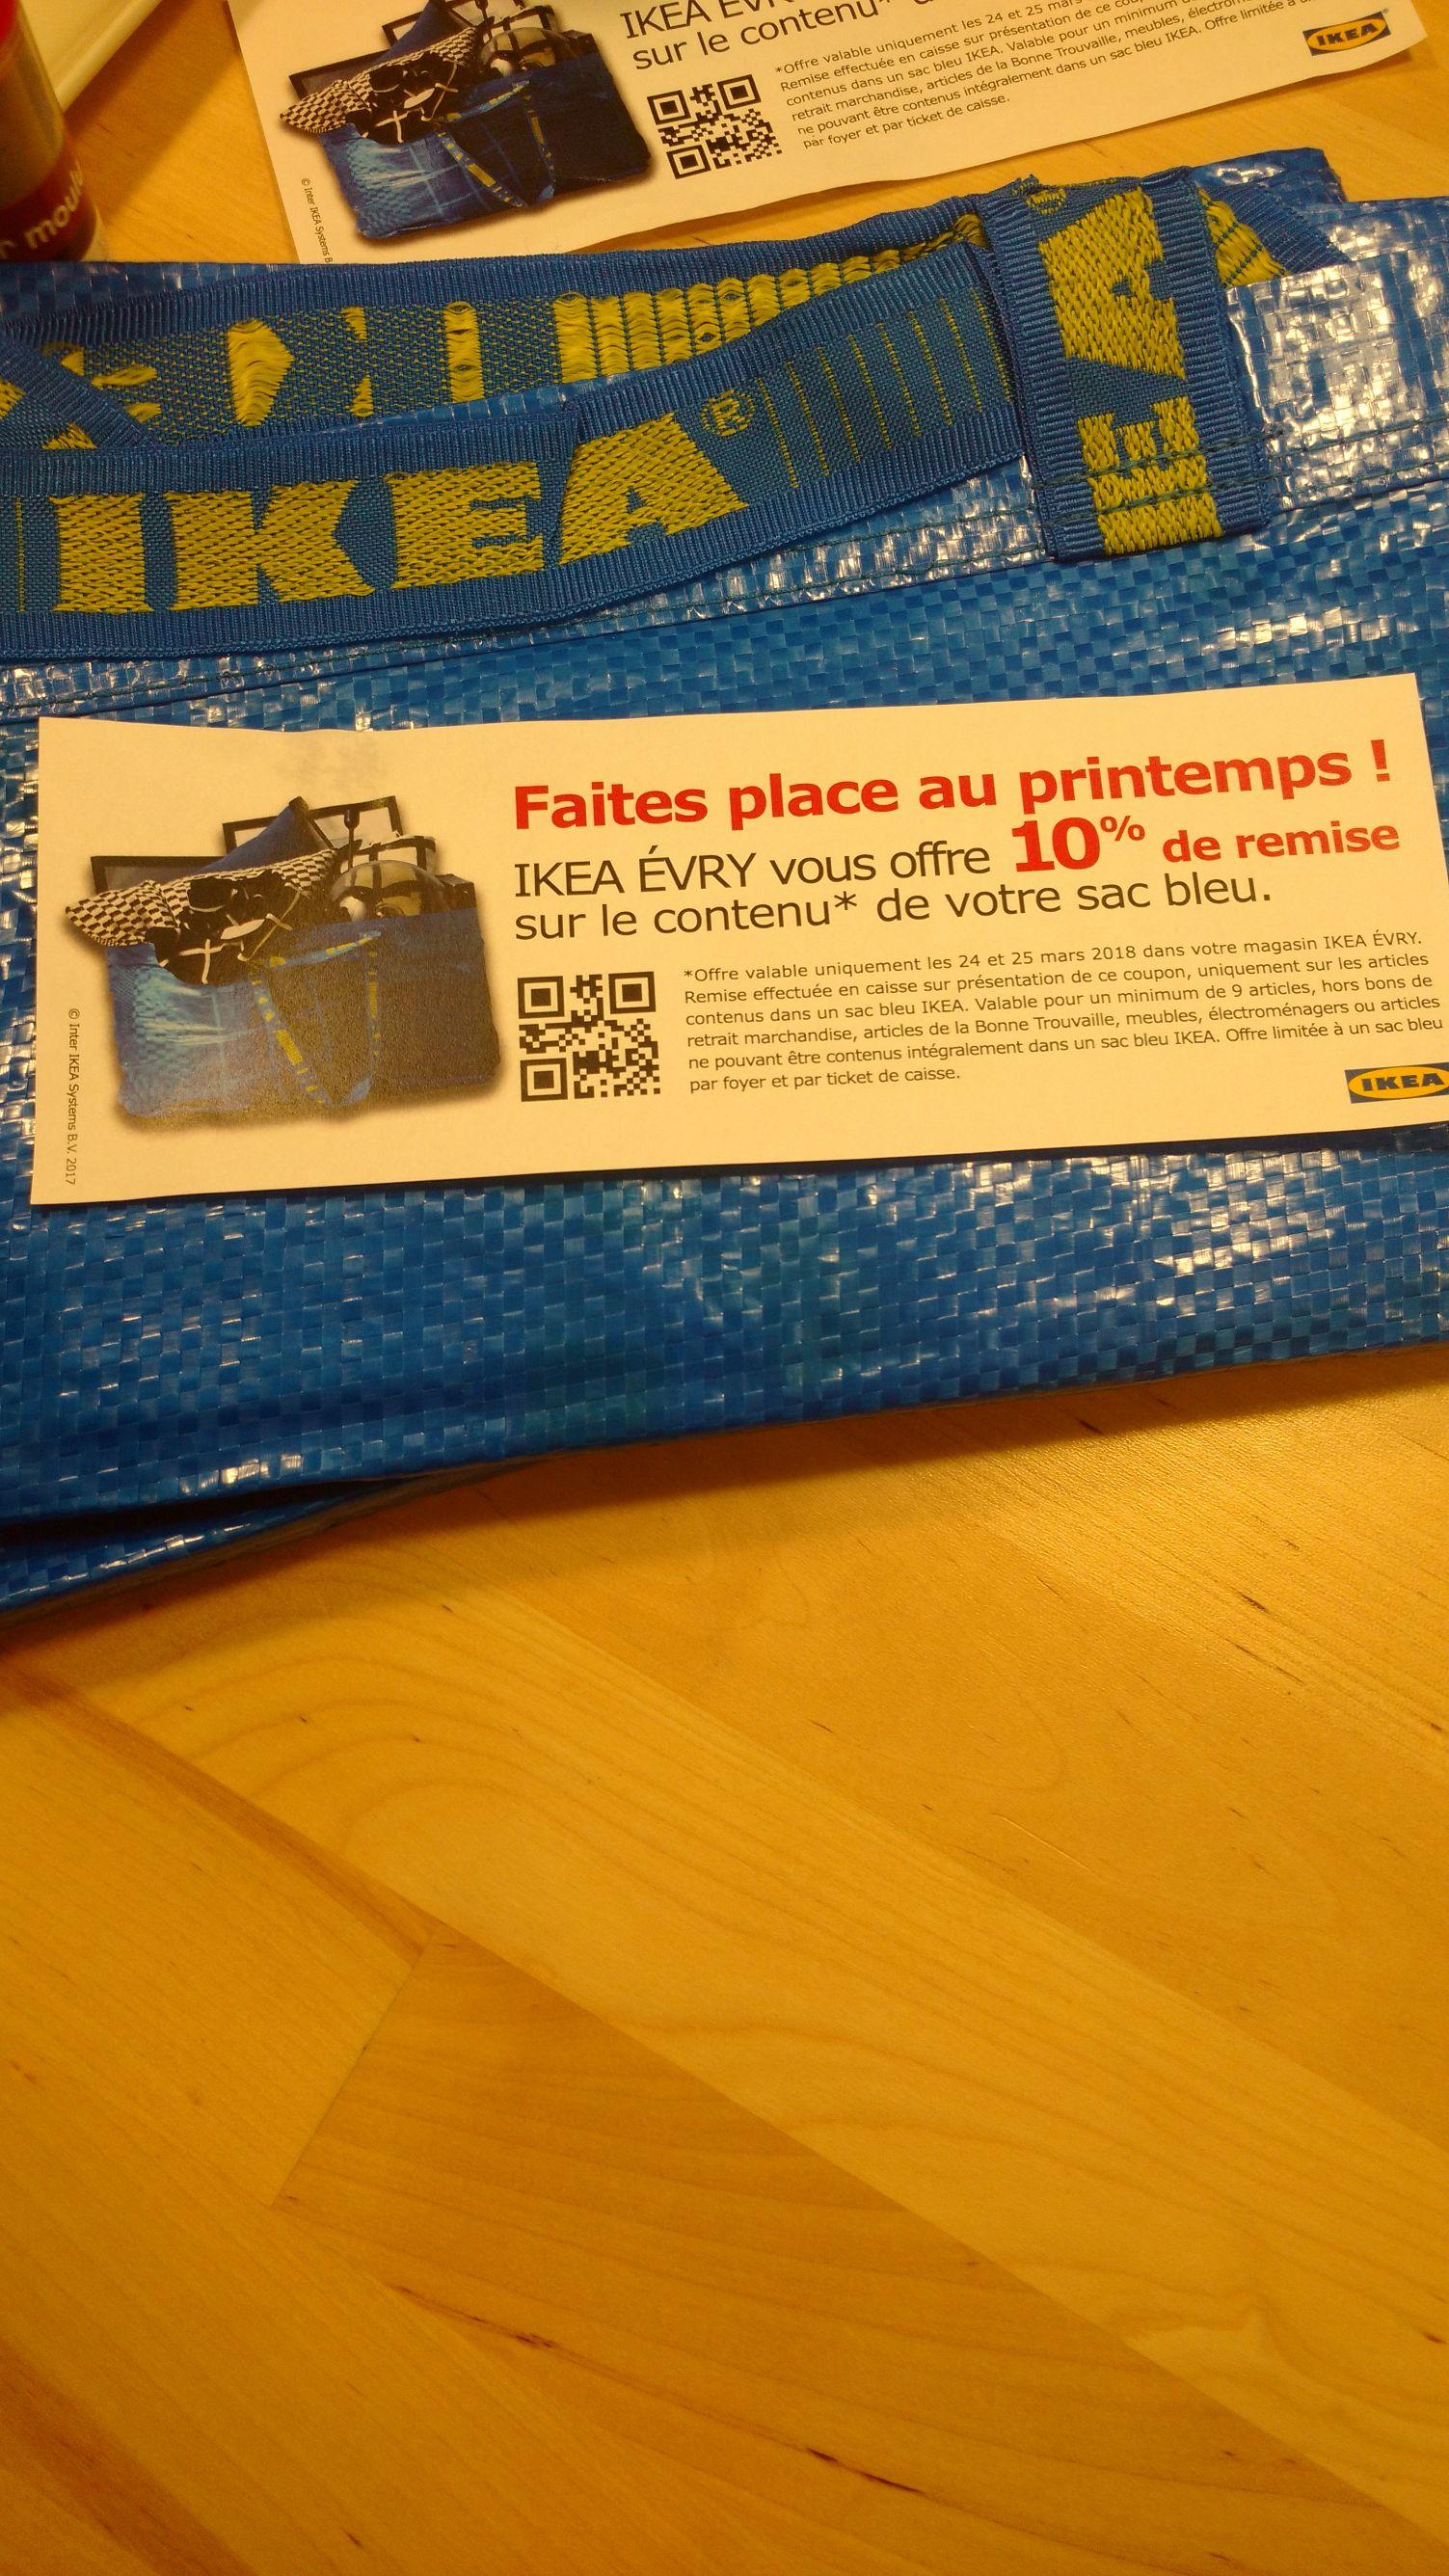 Sac bleu de chez Ikea gratuit + 10% de réduction sur son contenu (sous conditions) - Evry (91)